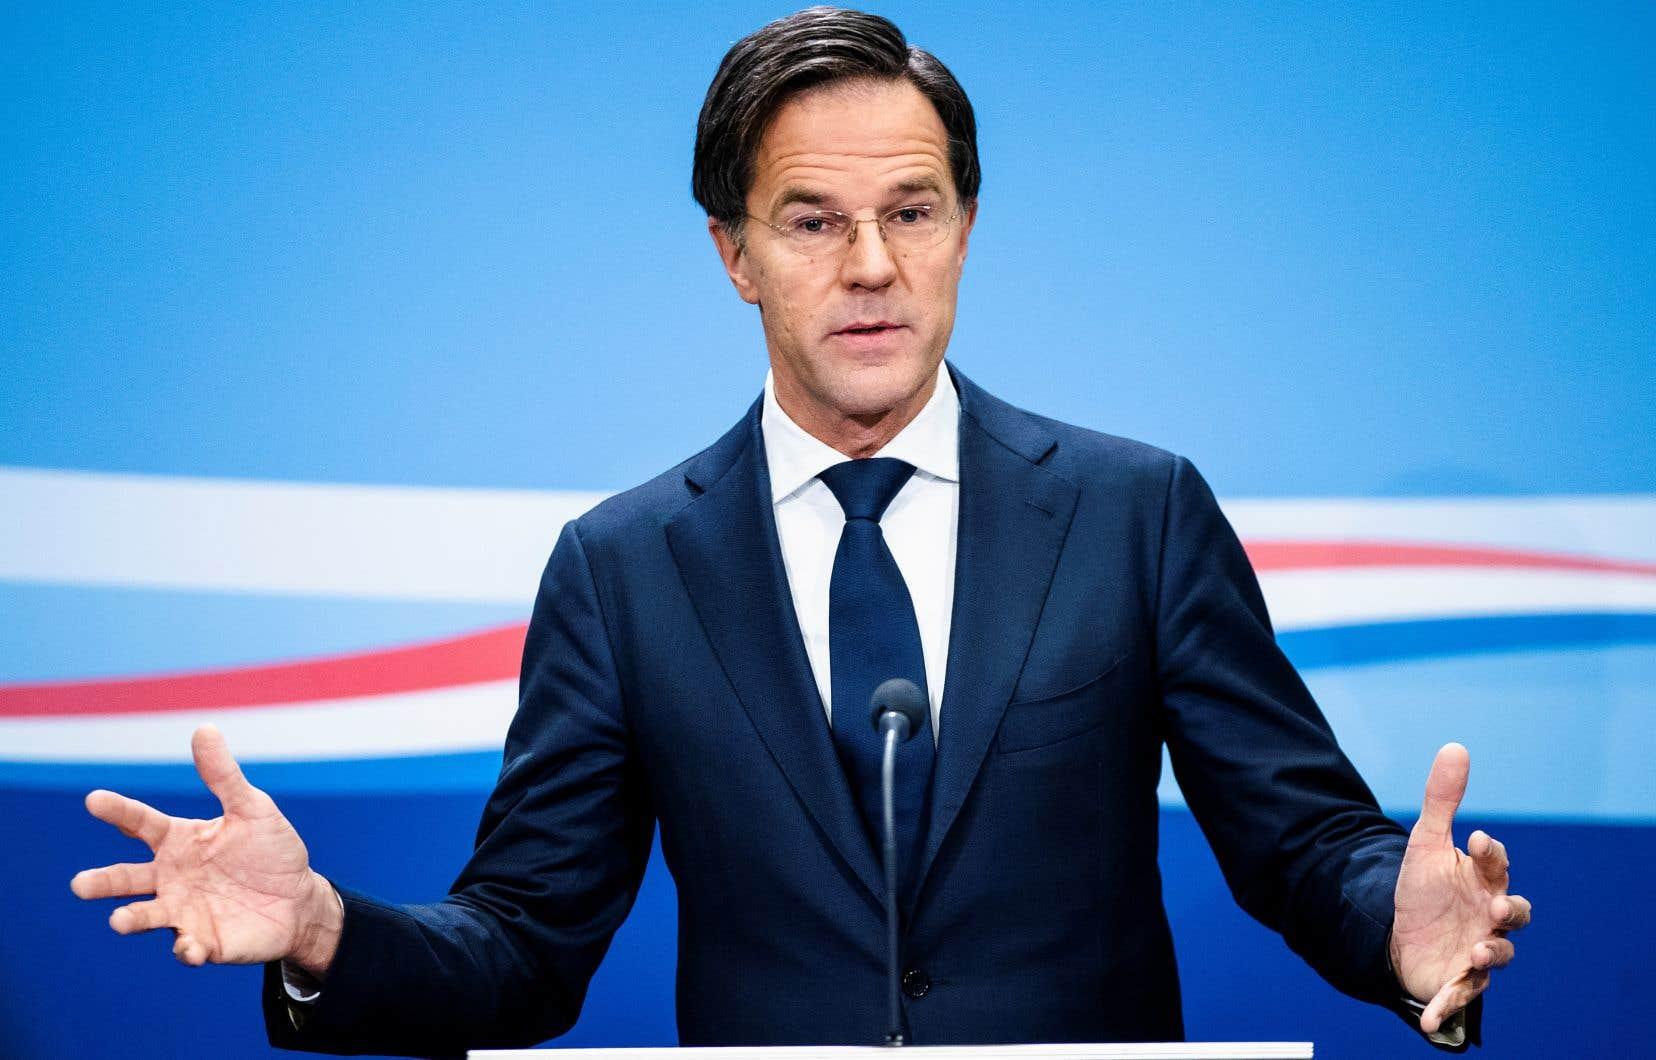 <p>Le premier ministre Mark Rutte doit annoncer la nouvelle lors d'une conférence de presse, à deux mois des élections législatives et en pleine crise sanitaire.</p>